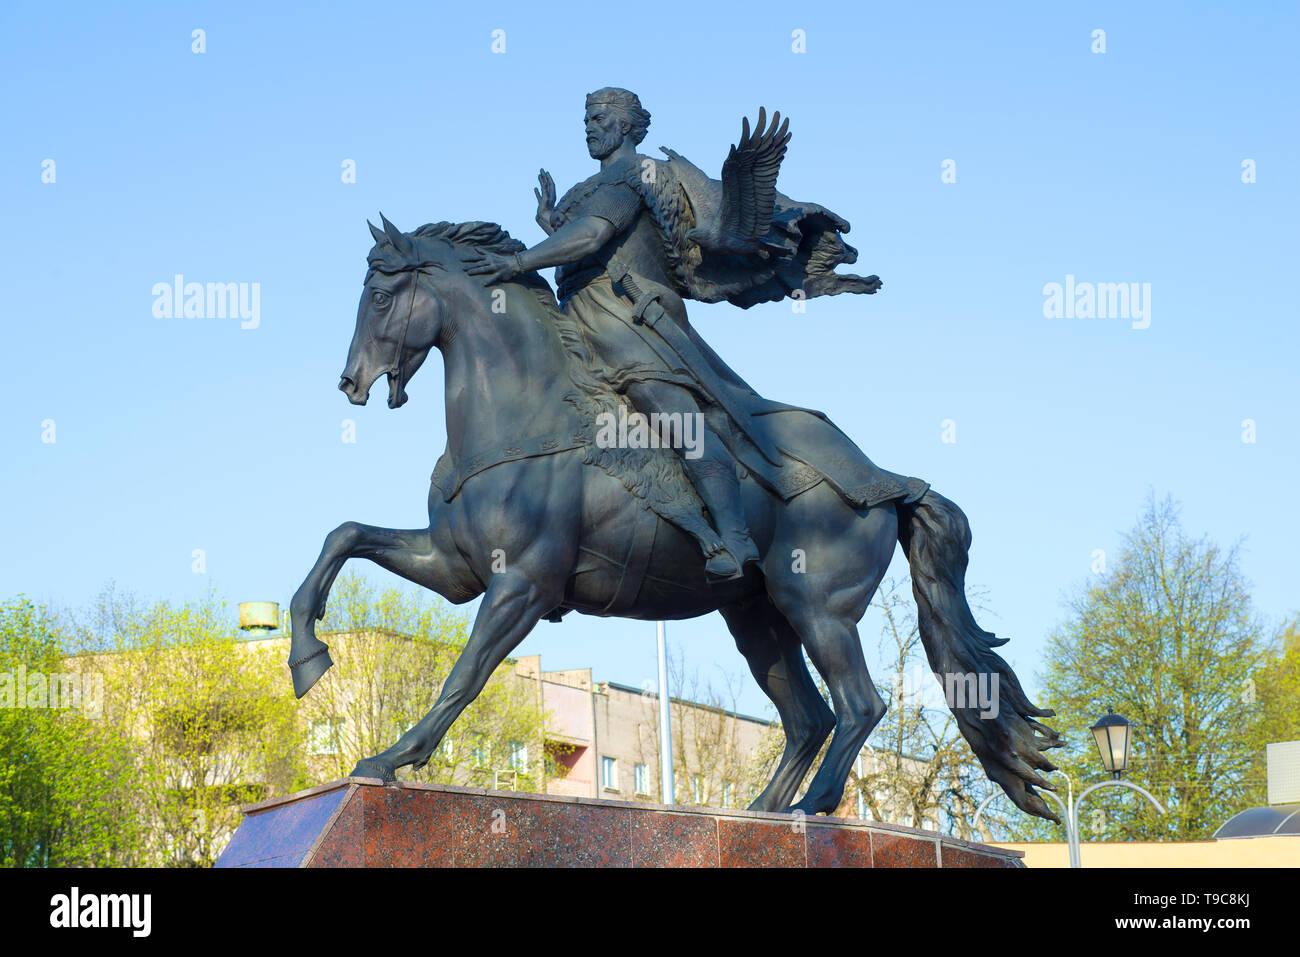 POLOTSK, BELARUS - APRIL 28, 2019: A sculpture of Prince Vseslav close-up against a blue sky - Stock Image